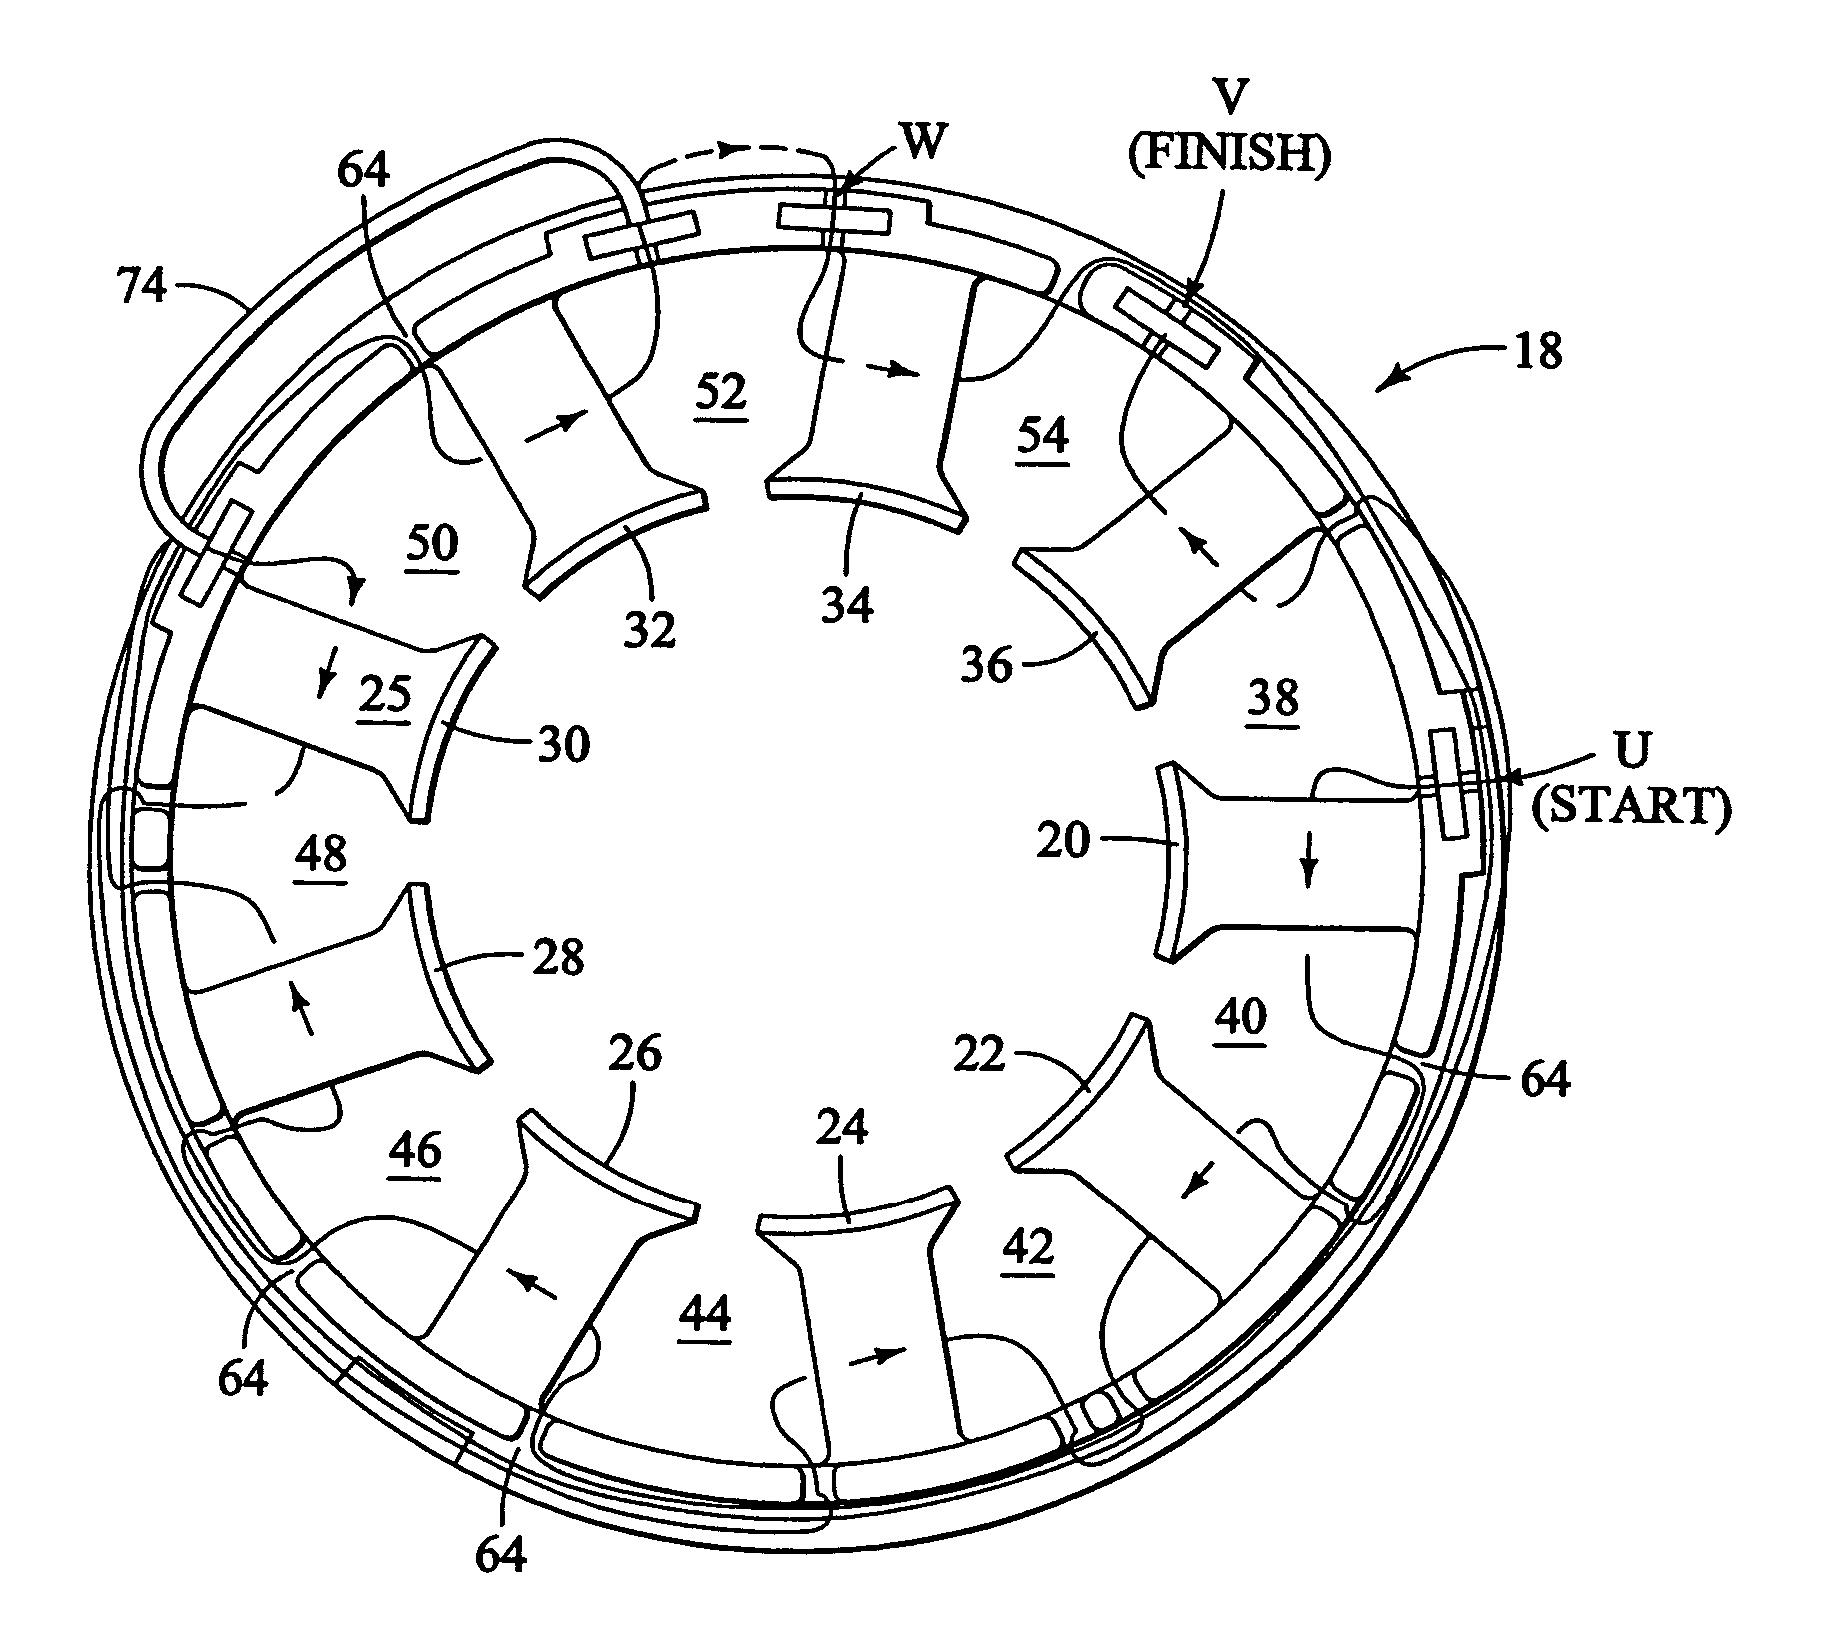 diagram of wiring 3 phase motor windings